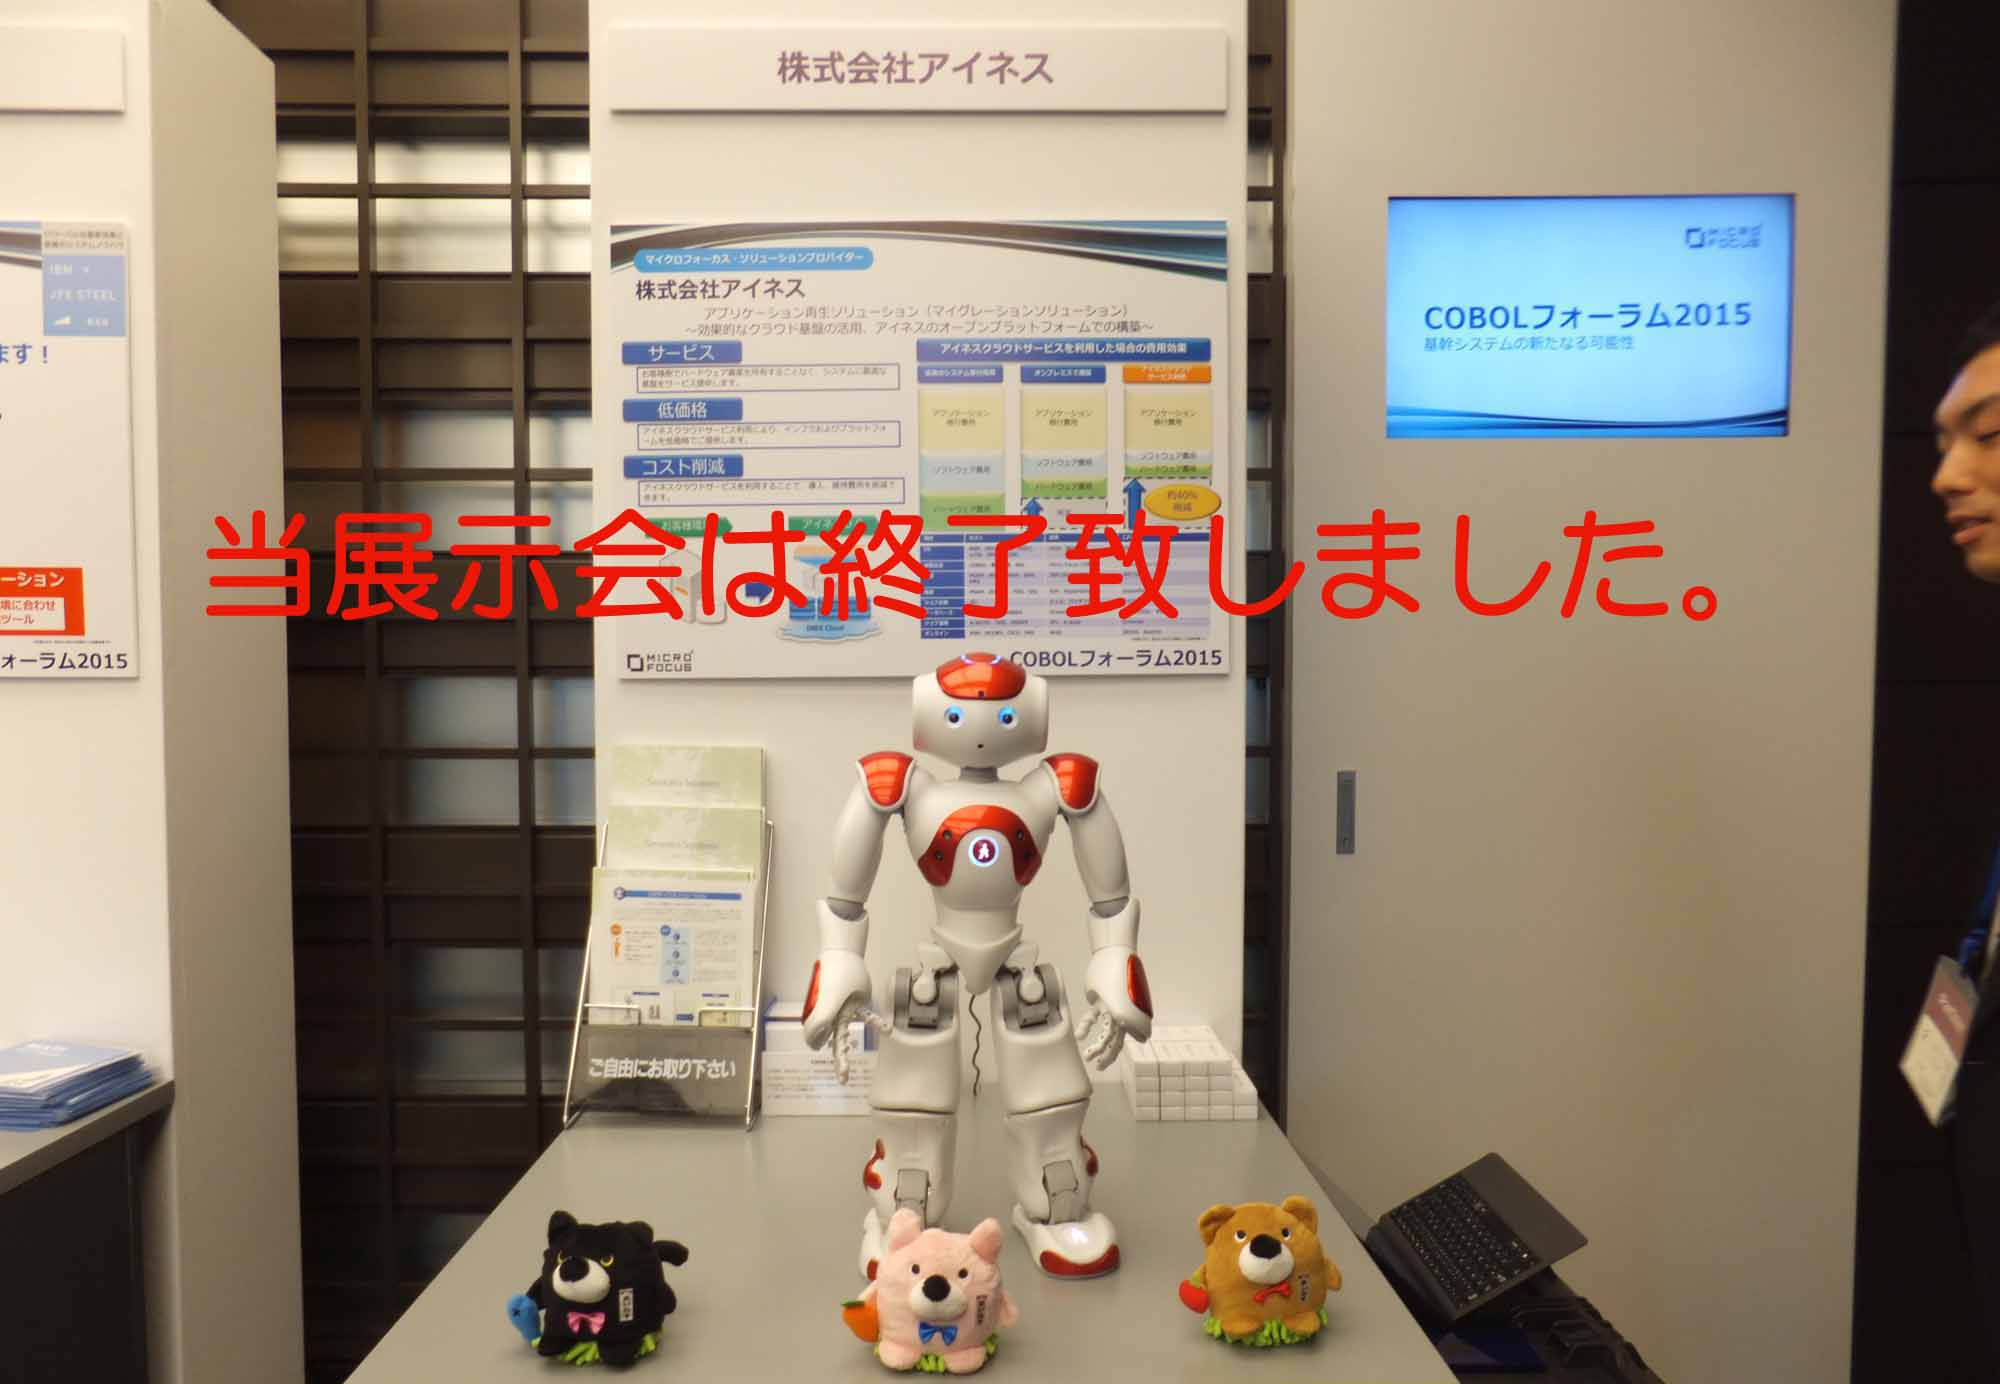 【10/20(火)無料開催】COBOLフォーラム2015出展のお知らせ